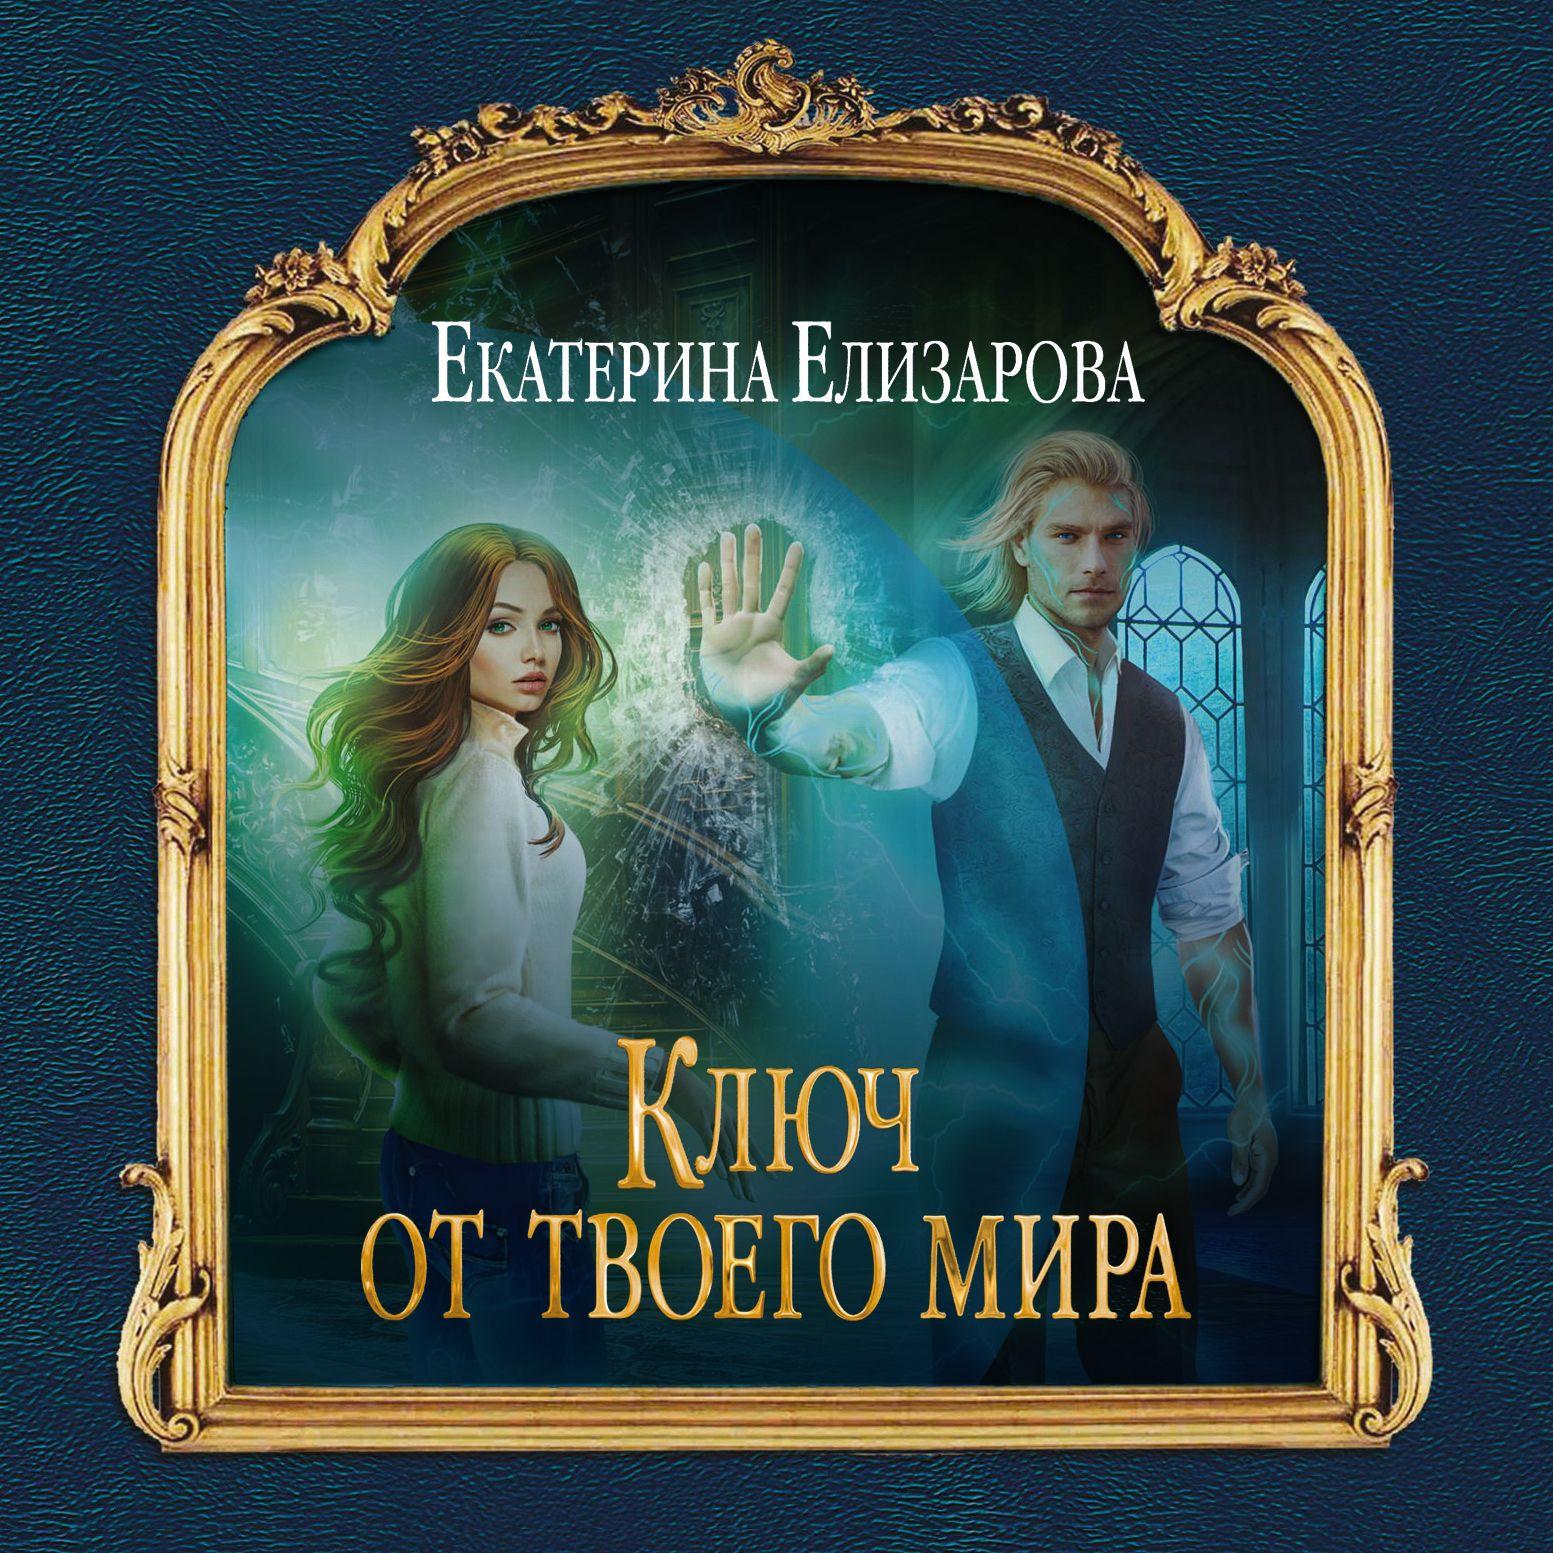 Екатерина Елизарова Ключ от твоего мира дирижабли